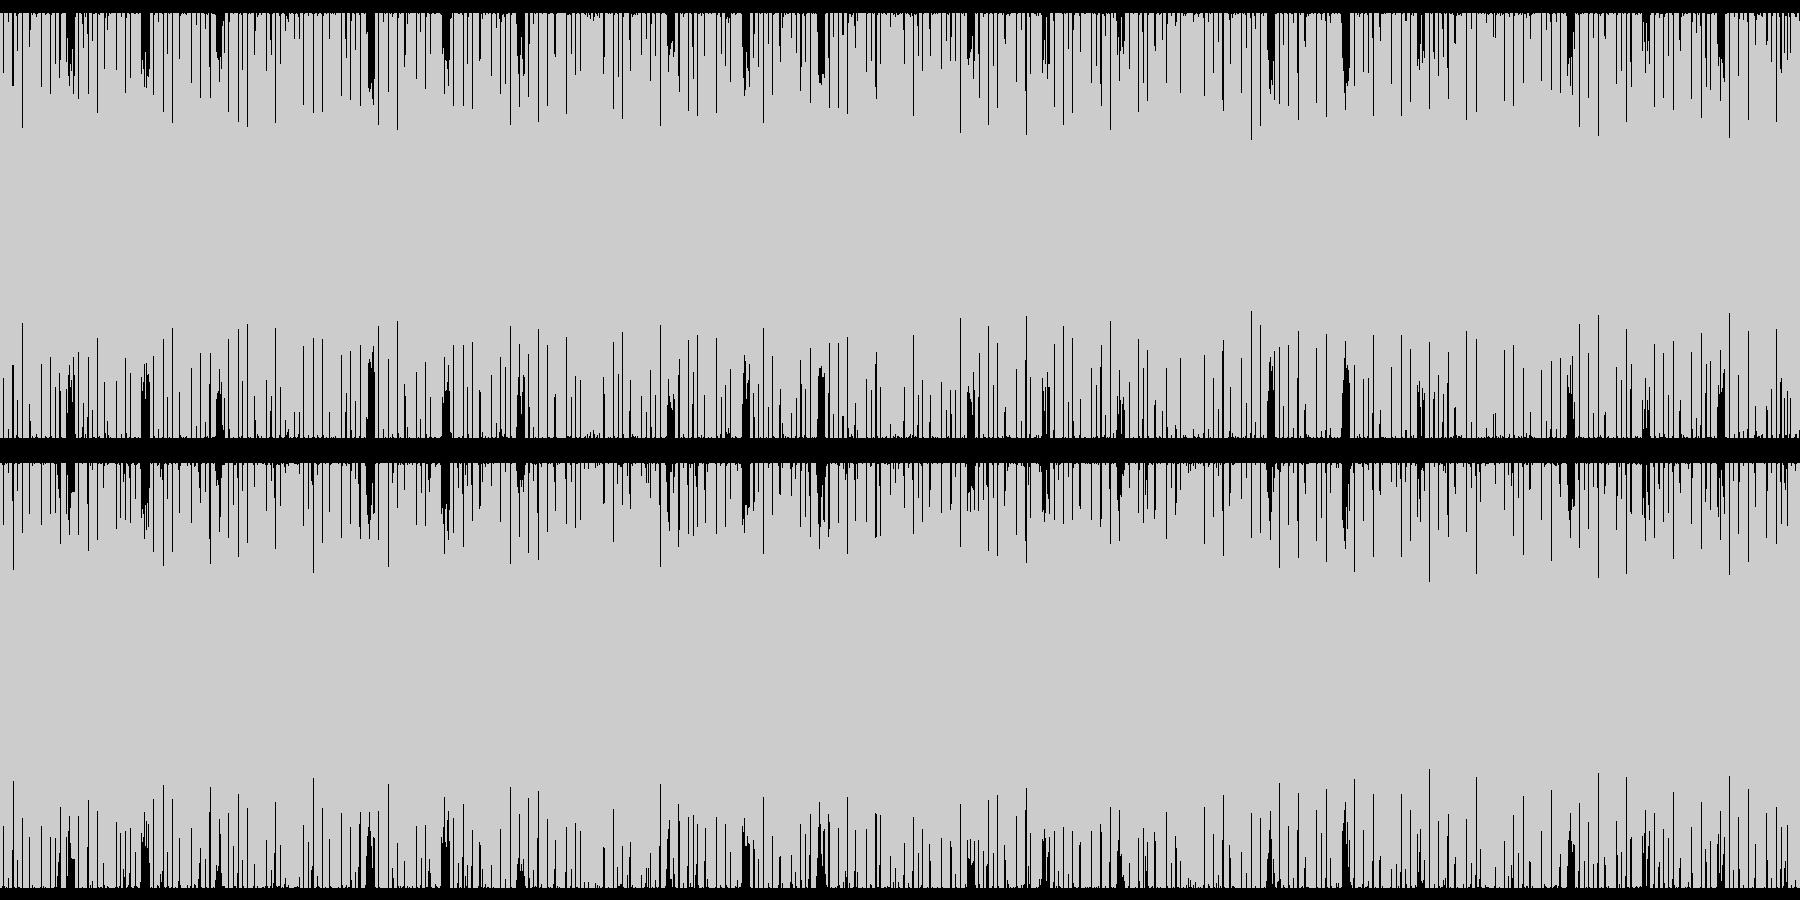 ピコピコキラキラテクノポップの未再生の波形